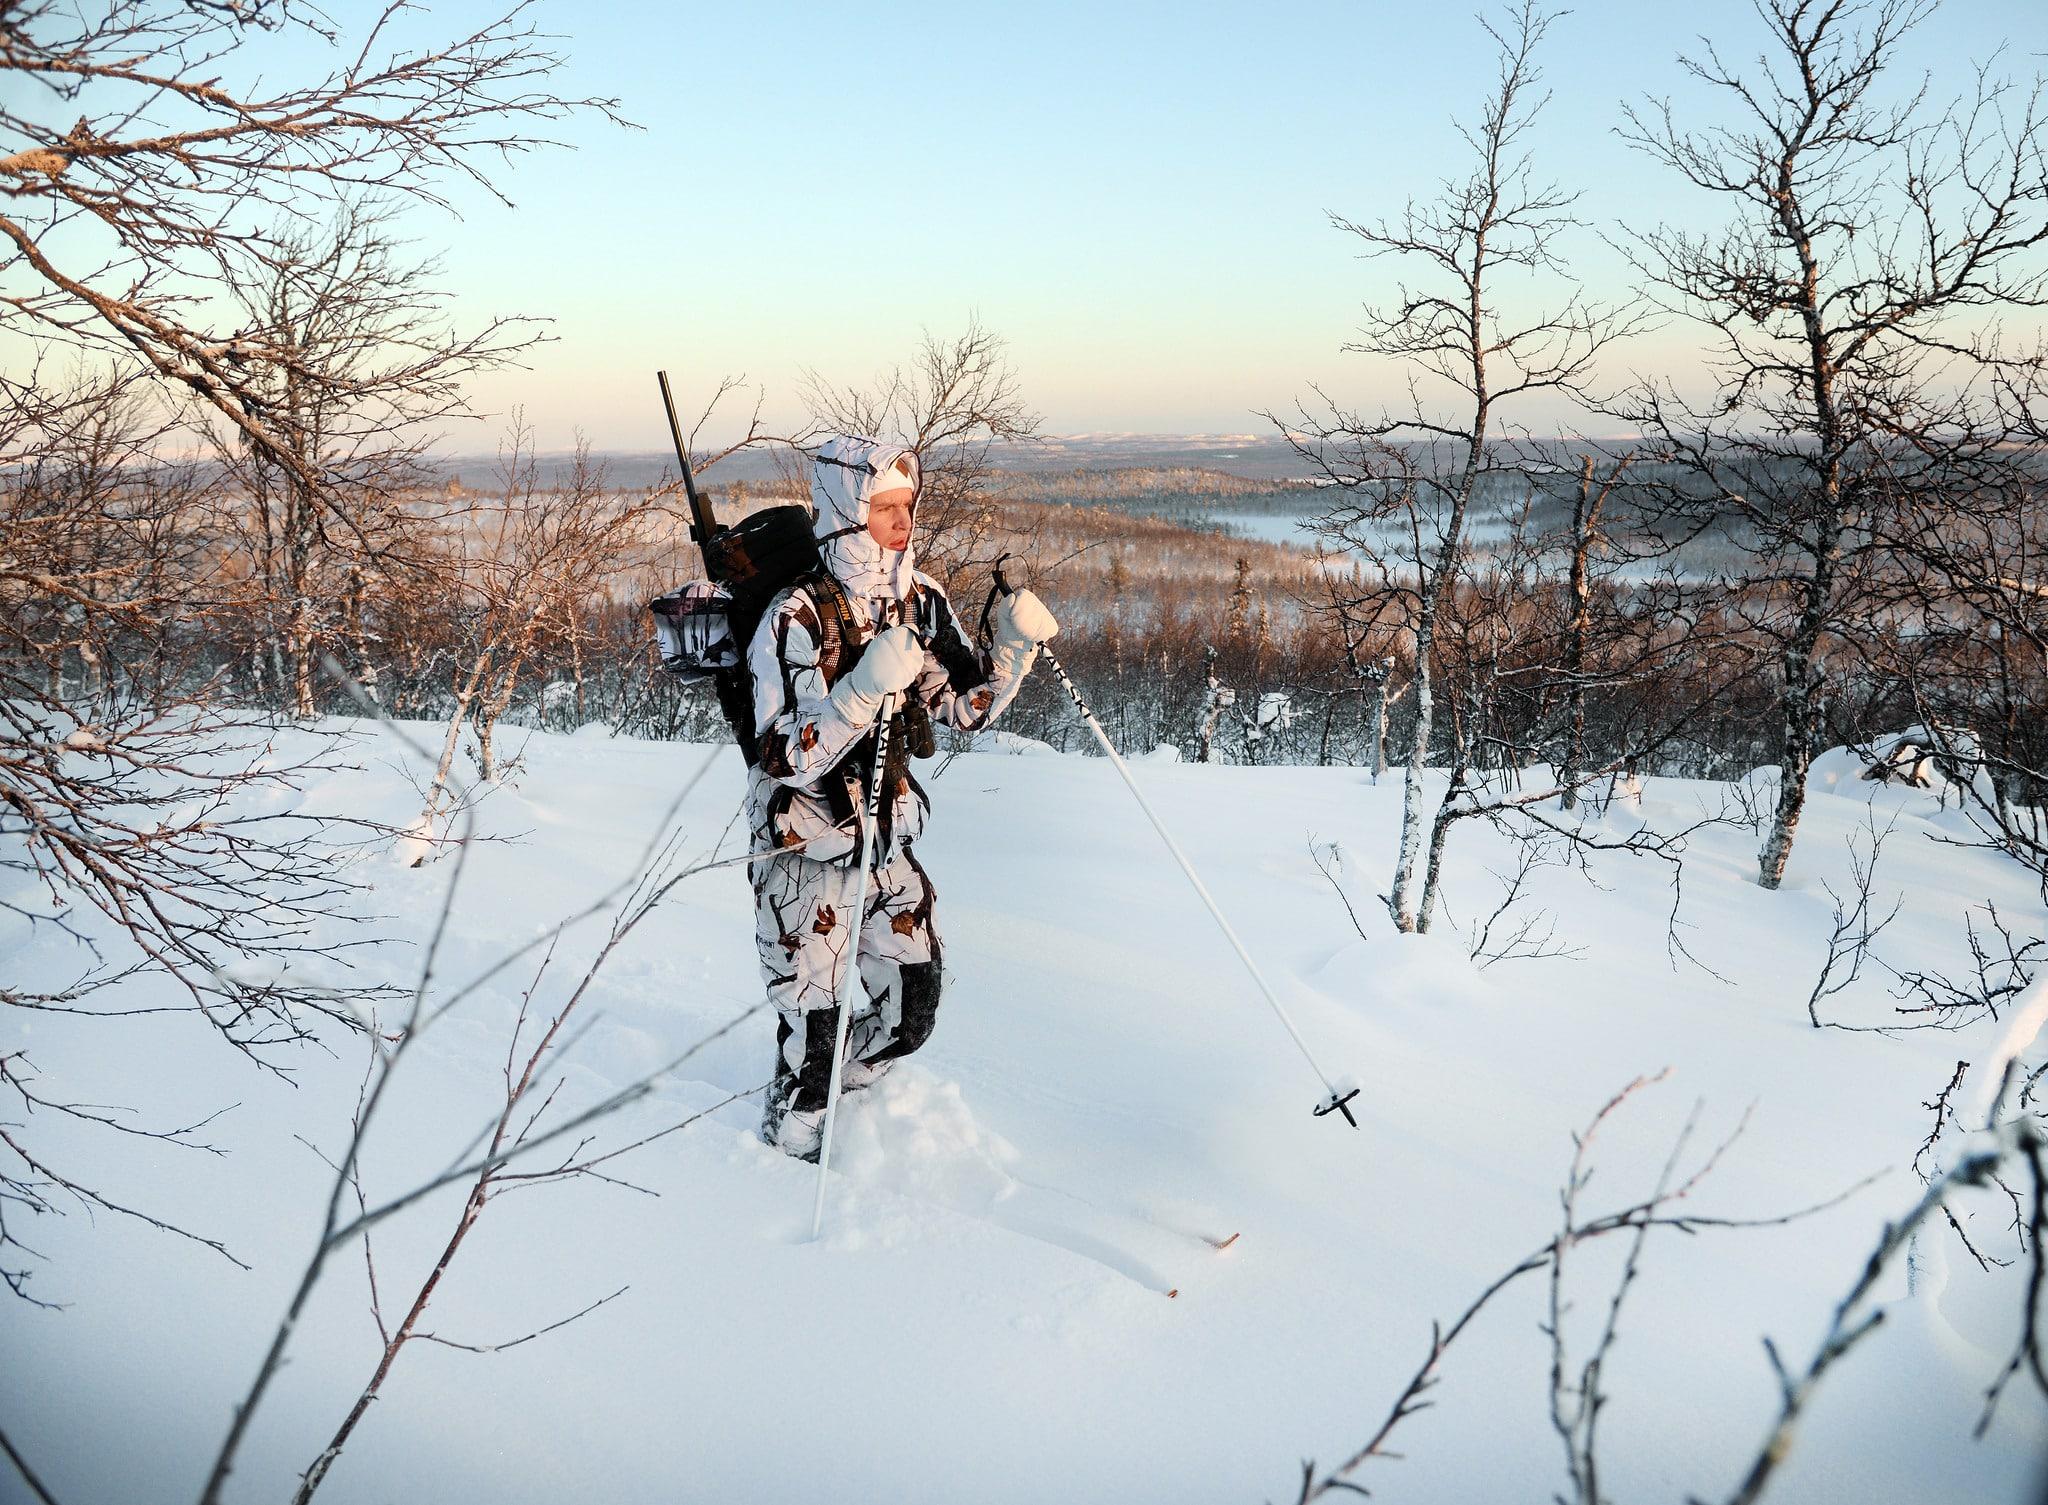 Regeringen får inte gehör för sitt förslag om fjälljakten som i första hand ska ge svenska jägare rätt att jaga småvilt på statens mark ovan odlingsgränsen. Foto: Lars-Henrik Andersson